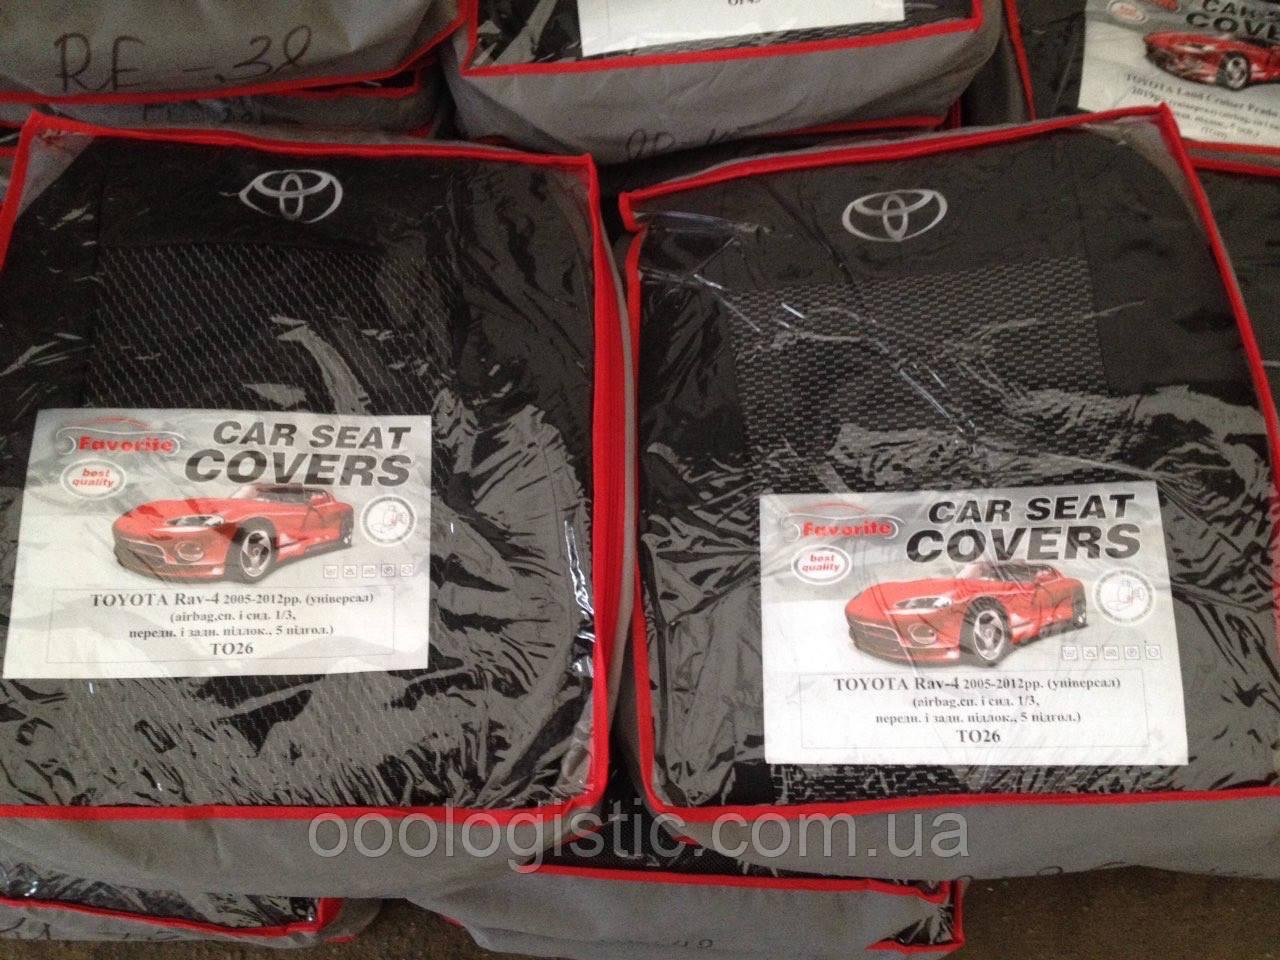 Авточохли Favorite на Toyota RAV 4 2005-2012 універсал,Тойота Рав 4 2005-2012 універсал